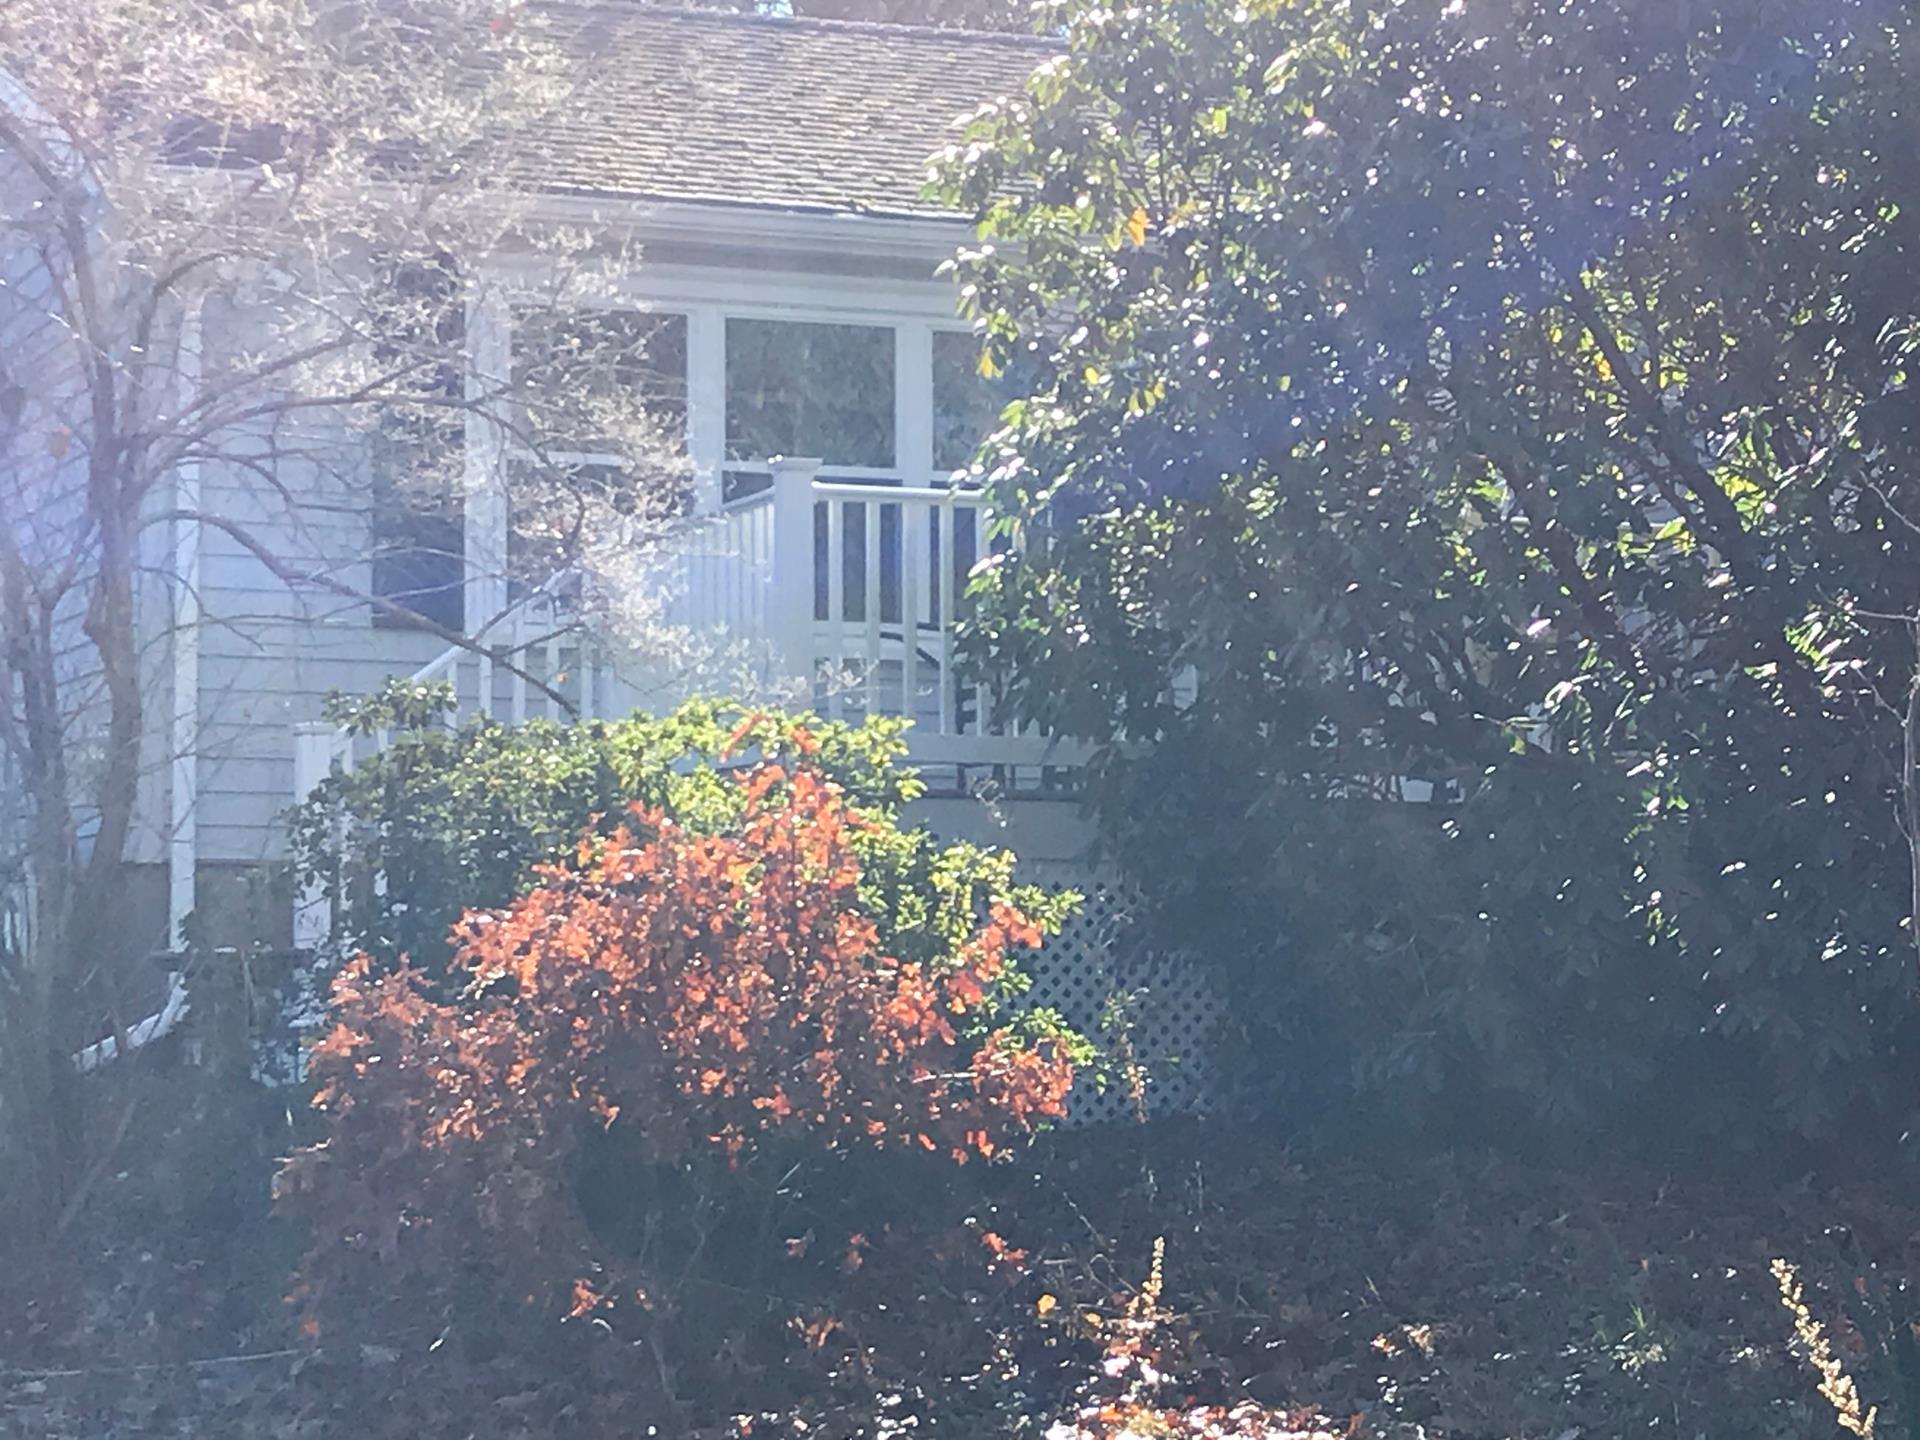 306 Lakeside Drive - Barnstable, MA